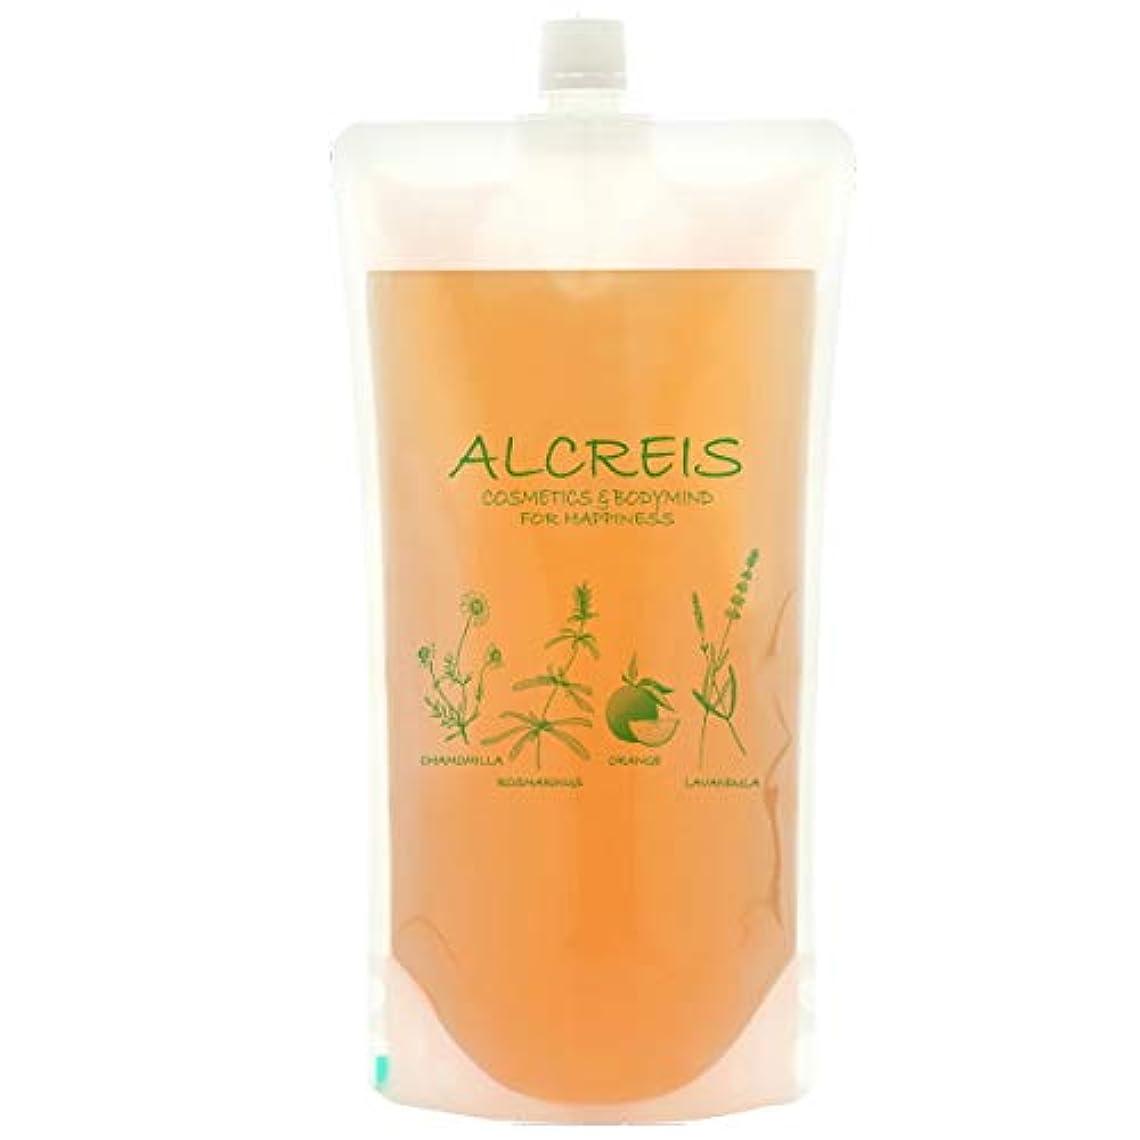 アルプス神秘コードアロマシャンプー 詰め替え用 1000mL 天然アミノ酸系ノンシリコンシャンプー